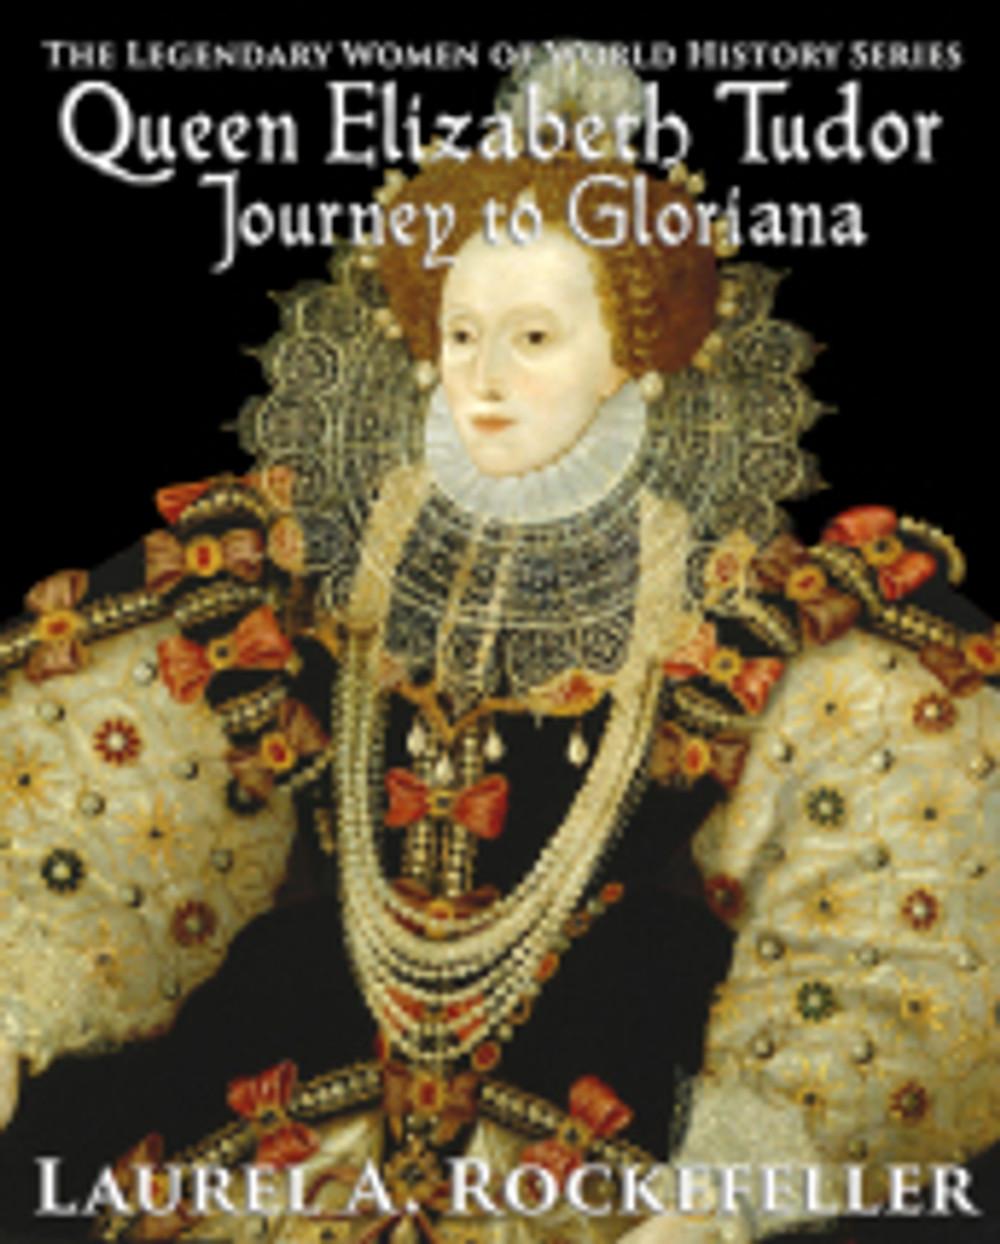 Queen Elizabeth Tudor